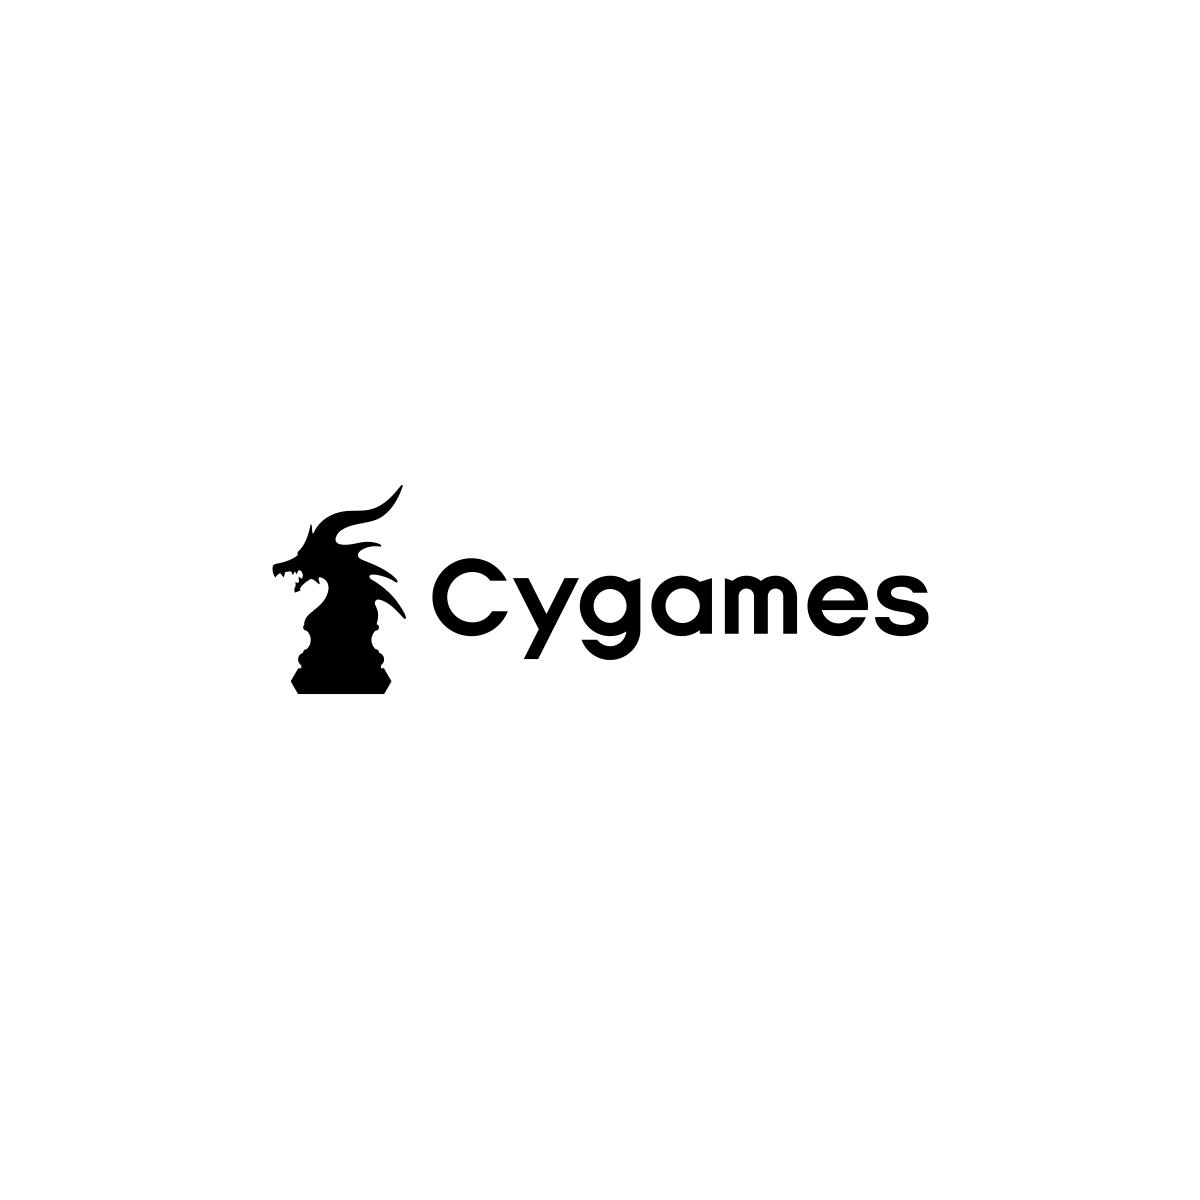 Cygamesのソシャゲタイトルで一番好きなゲームはどれ?【アンケート】   ねとらぼ調査隊